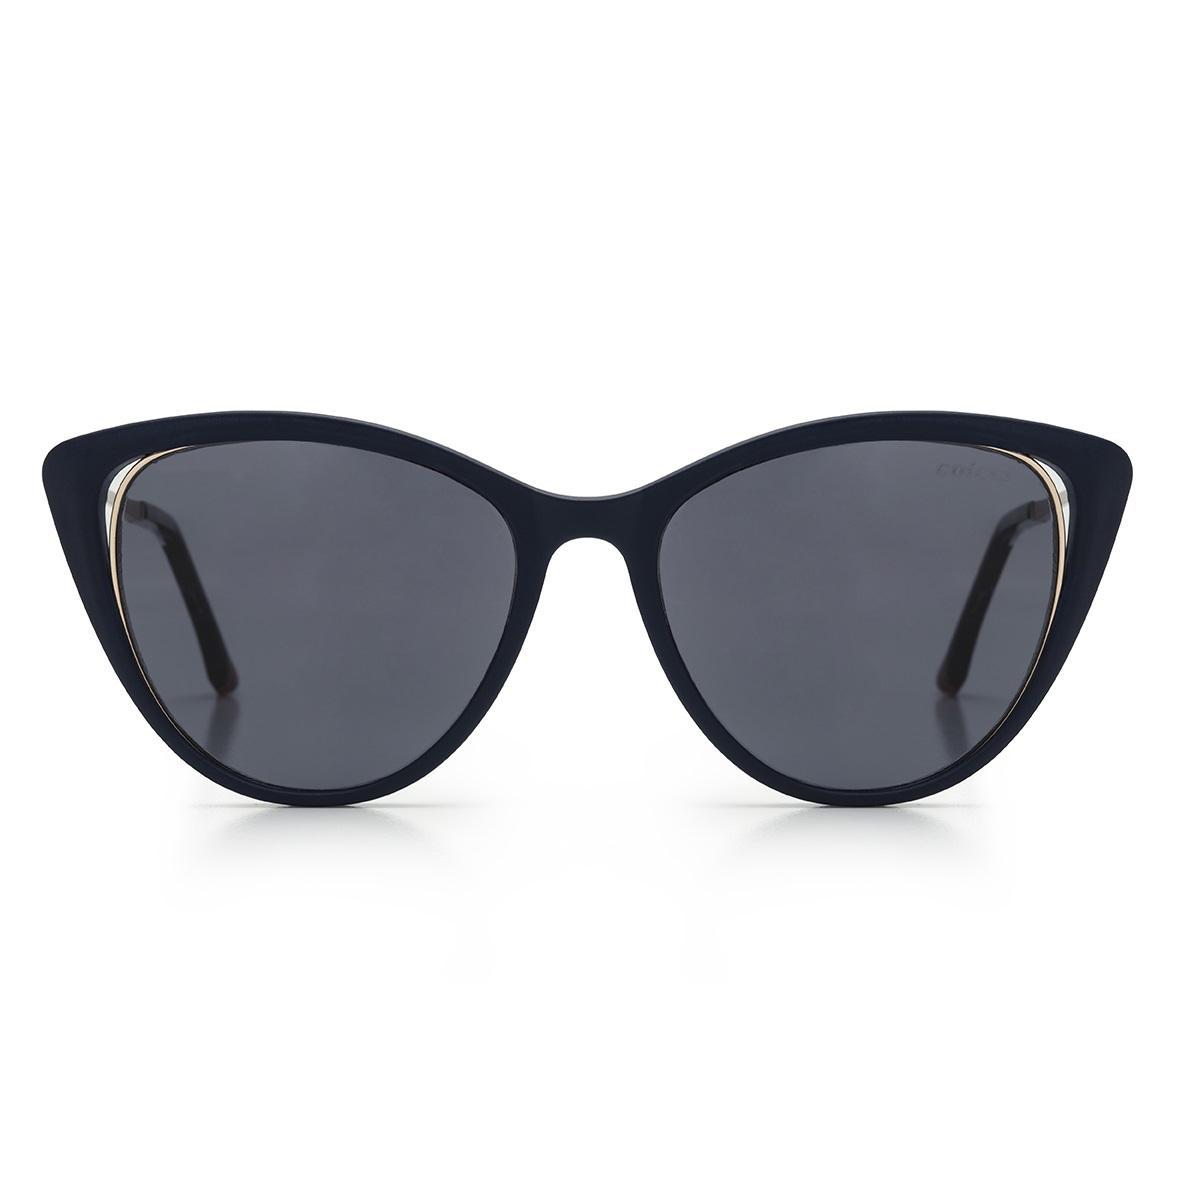 Óculos De Sol Colcci Valentina C0123 Azul C  Dourado Lente Cinza R  399,00  à vista. Adicionar à sacola 372795b442